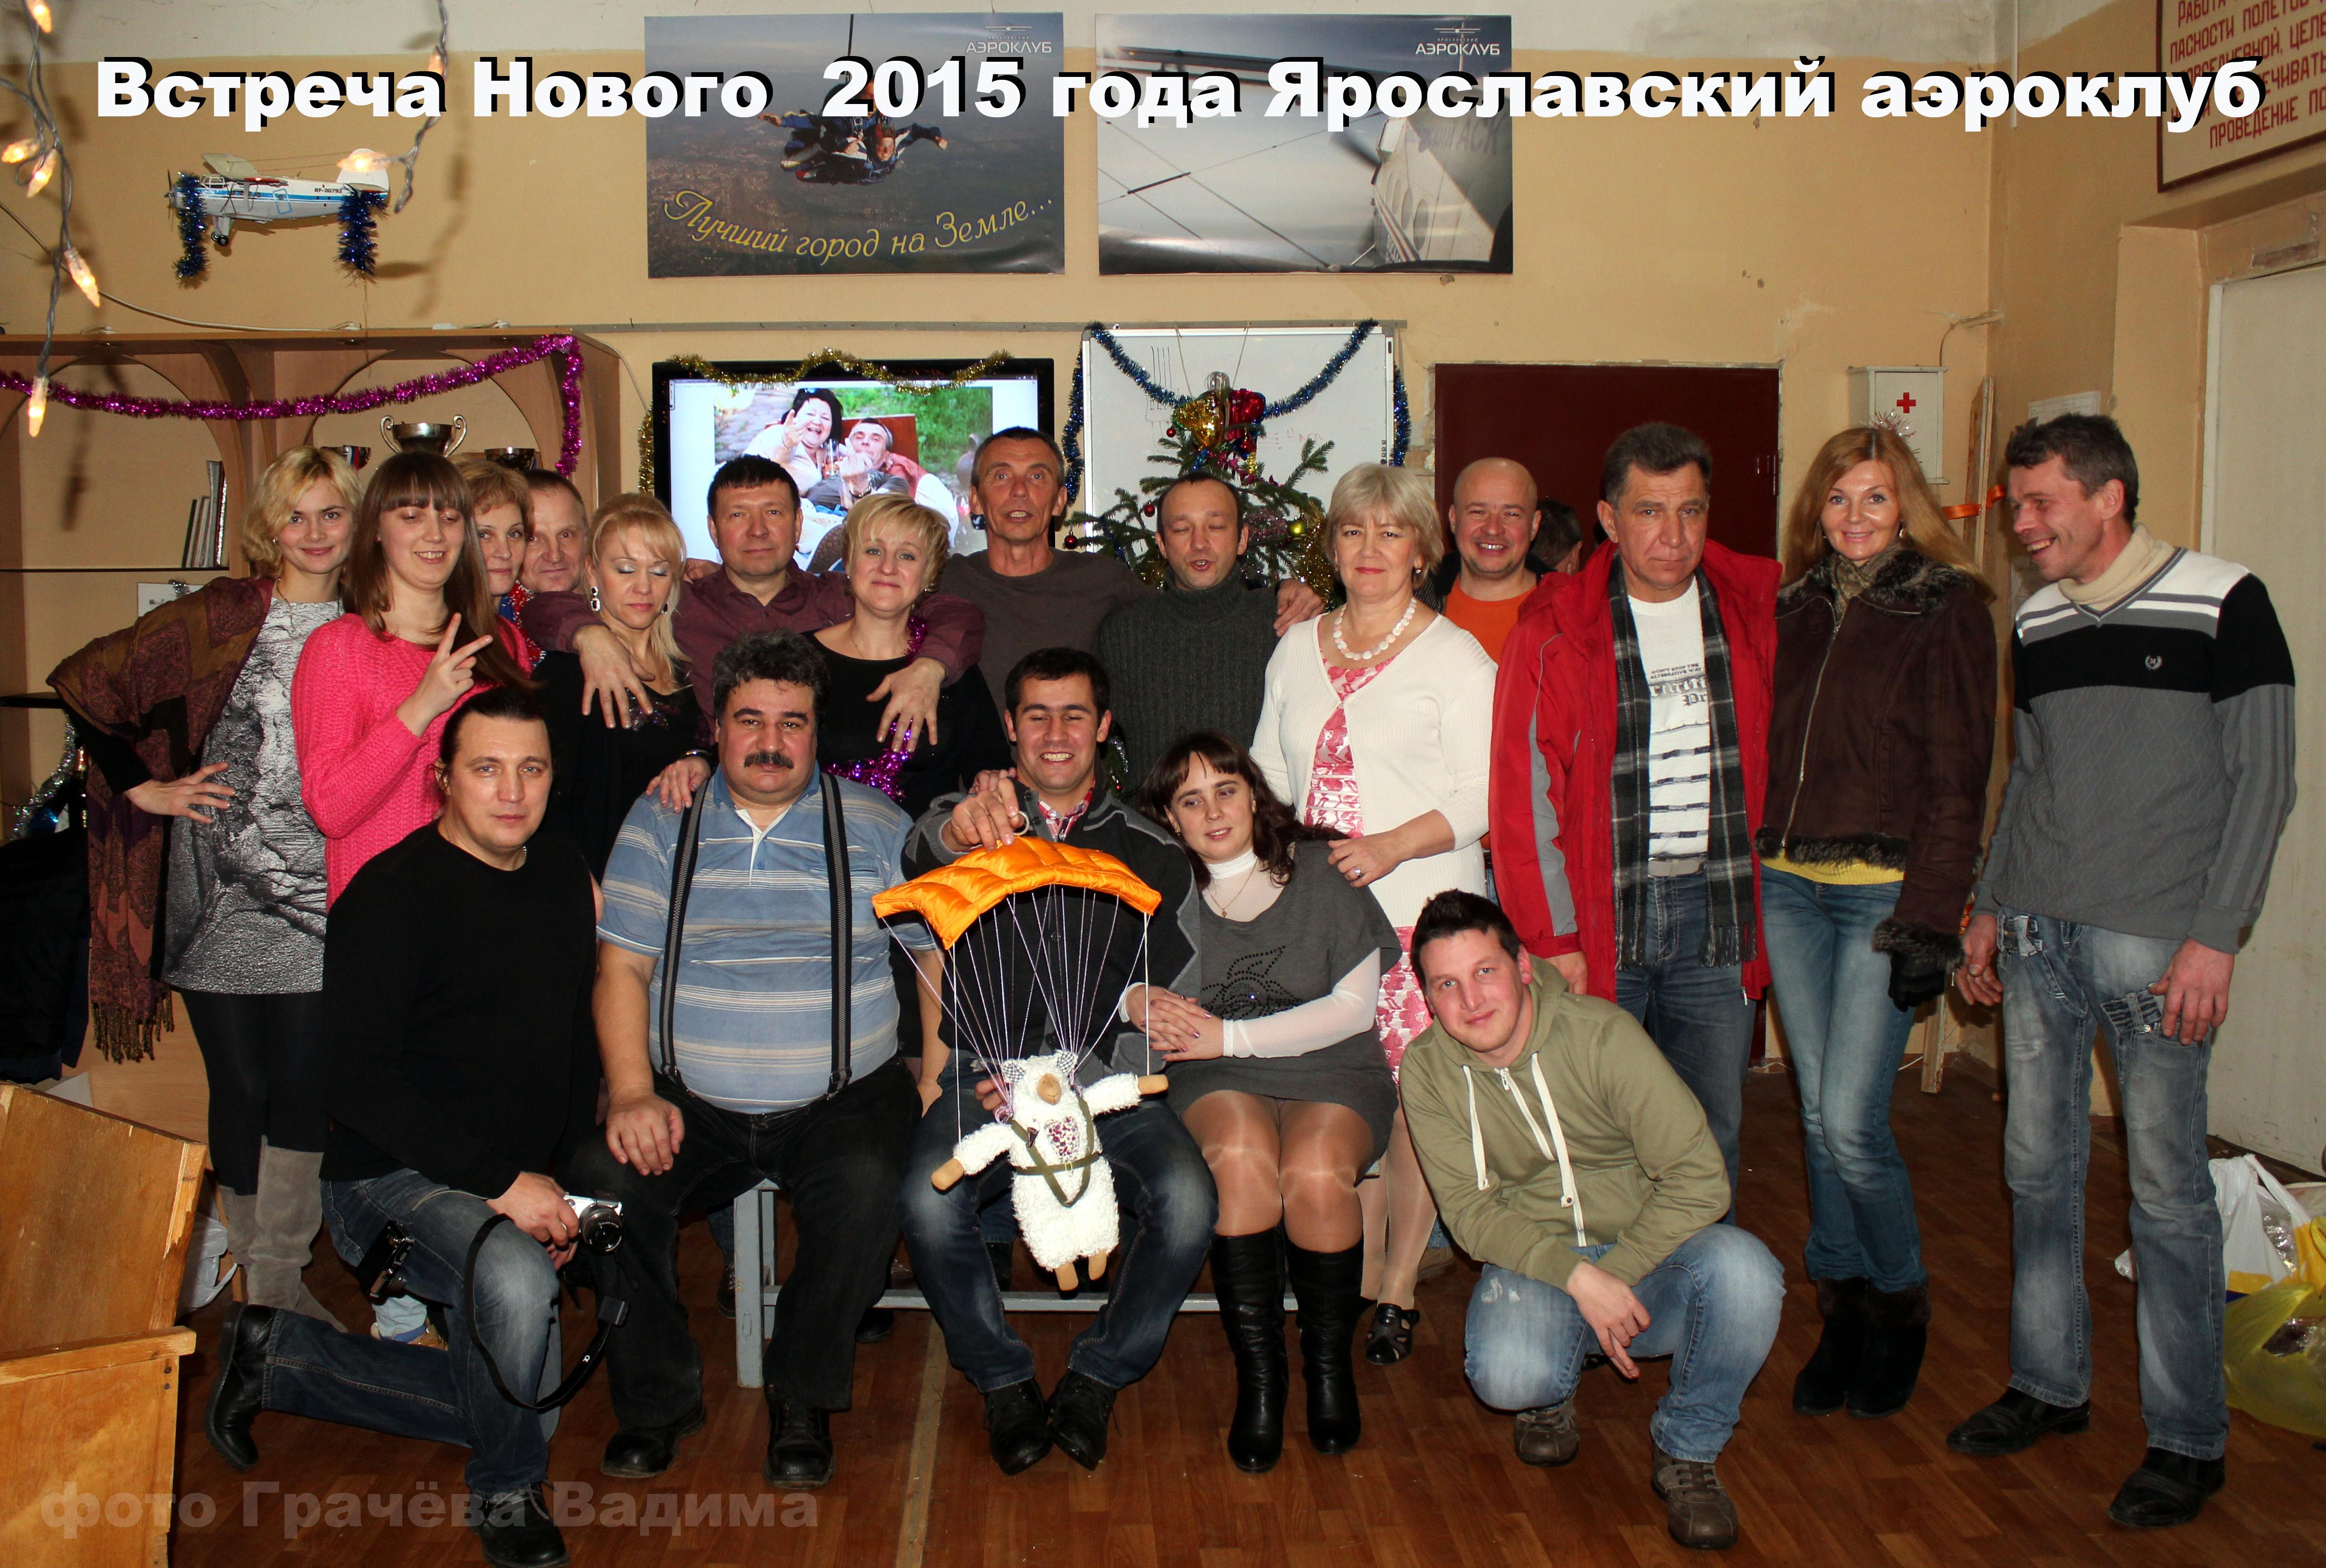 http://ic.pics.livejournal.com/desants/37213160/14166/14166_original.jpg